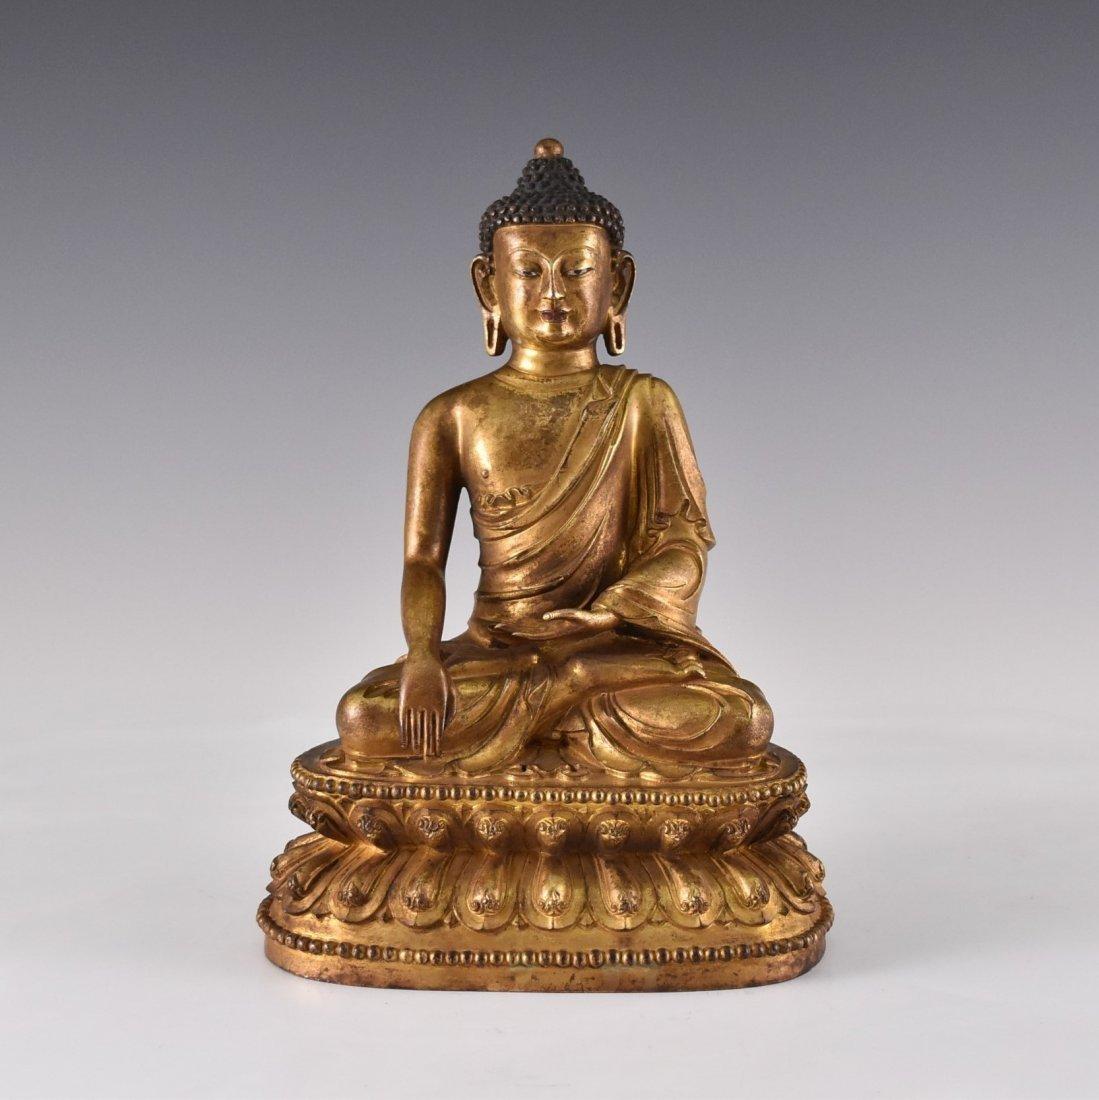 Yongle mark gilt bronze figure of sakyamuni buddha